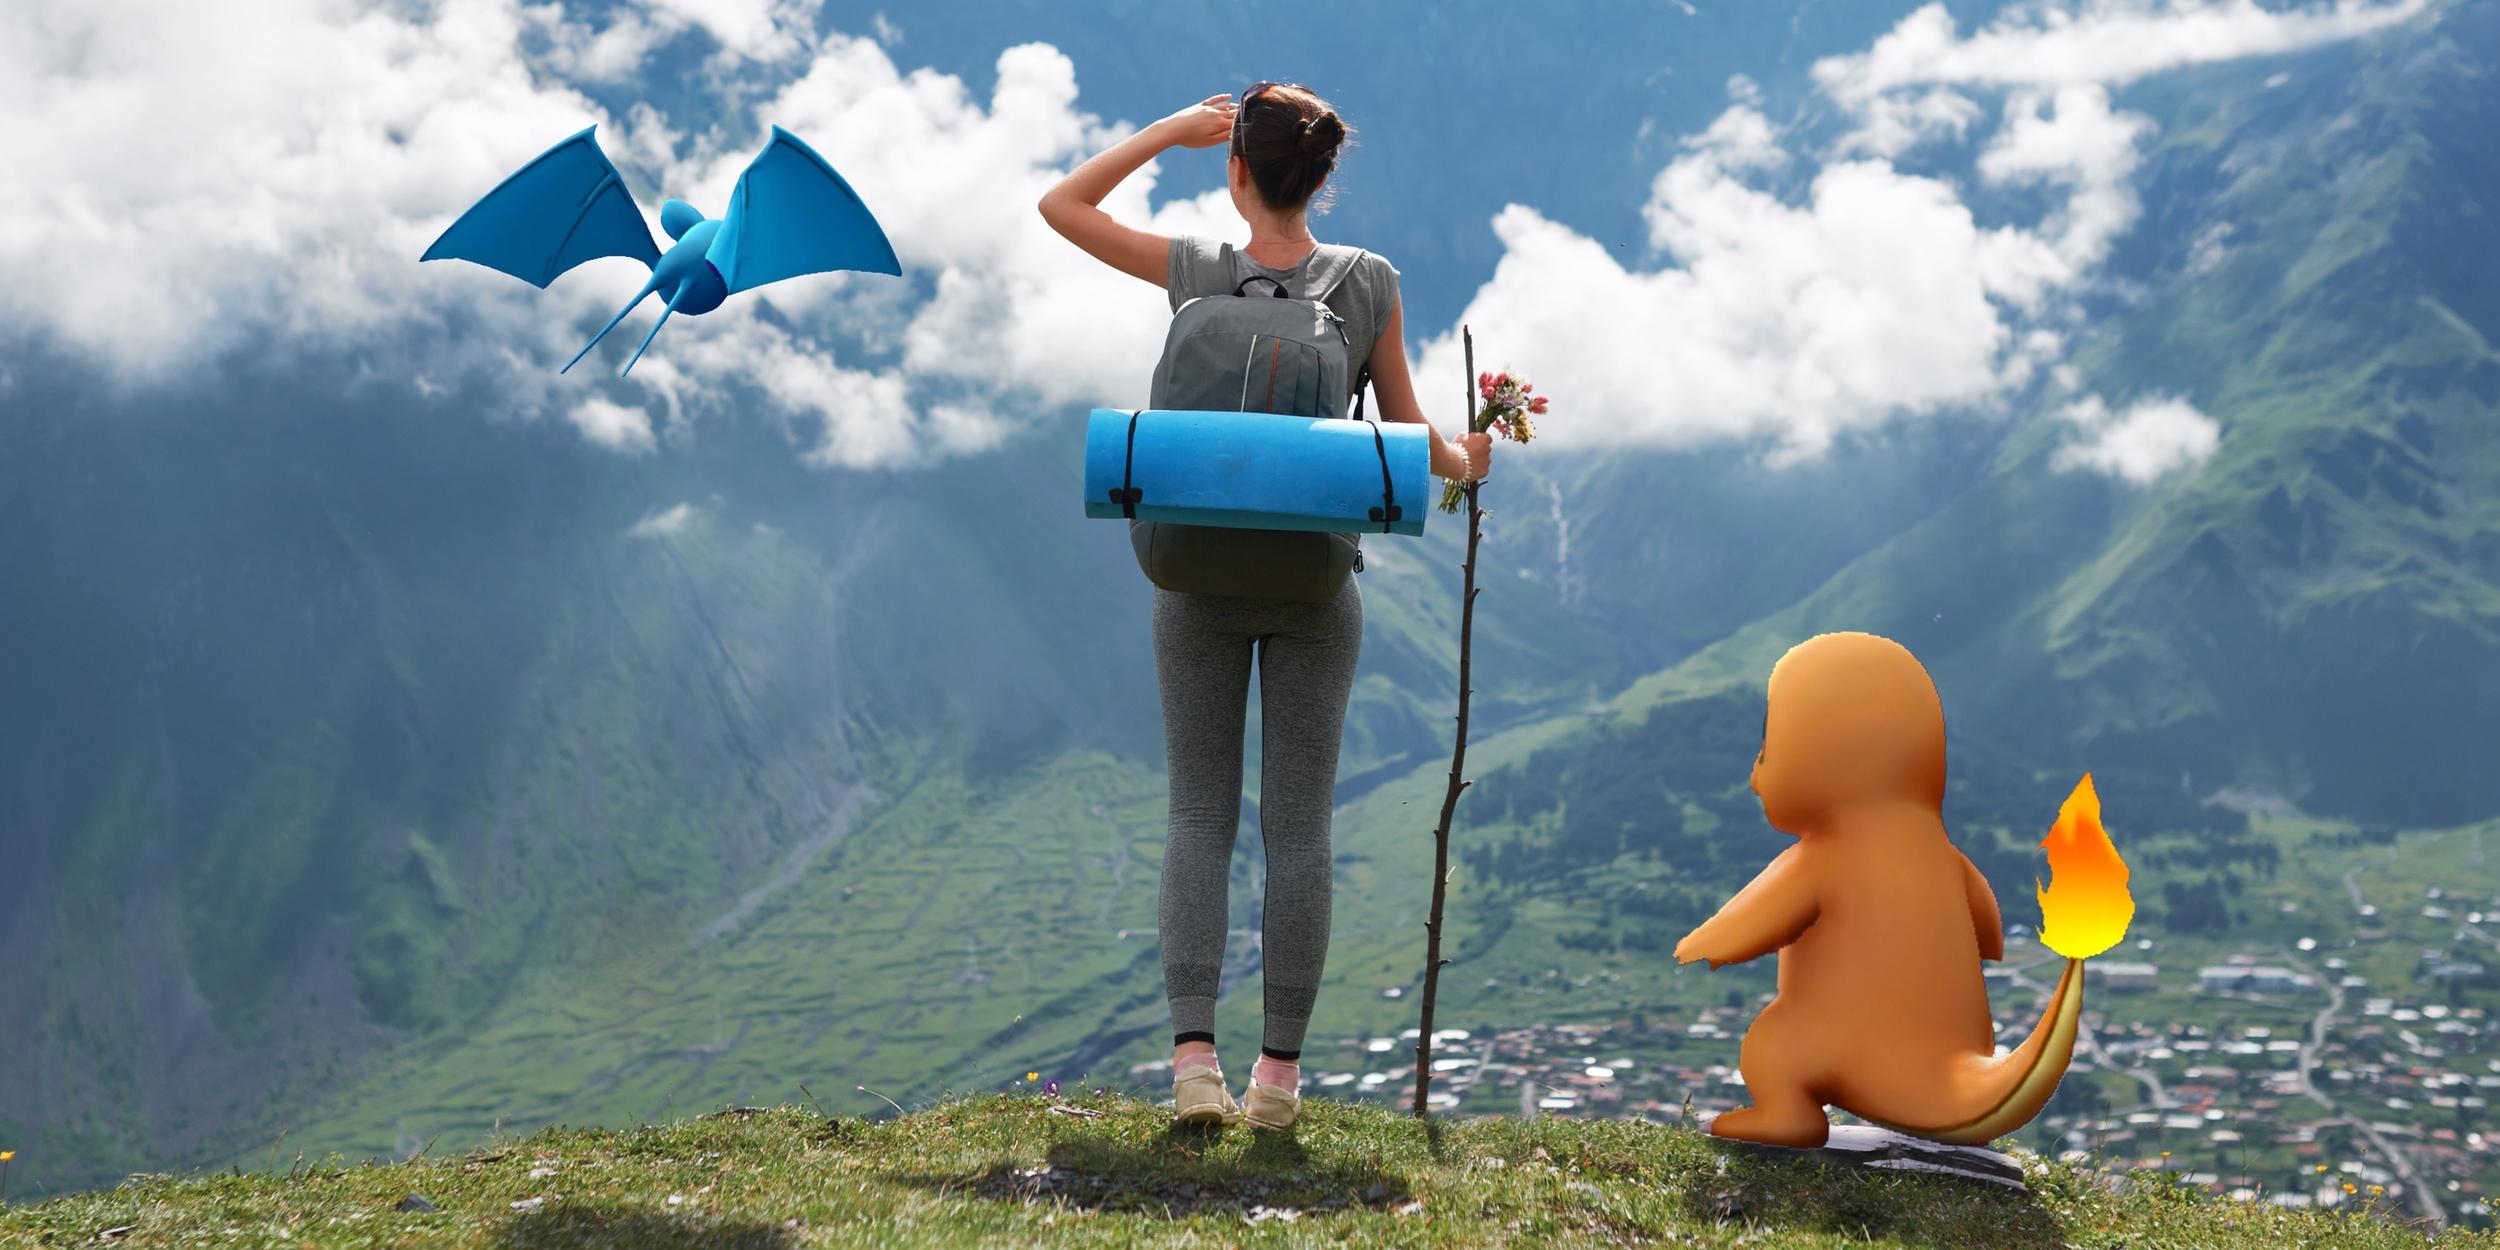 Как быстро повысить свой уровень в Pokémon GO и выбрать лучшую стратегию игры